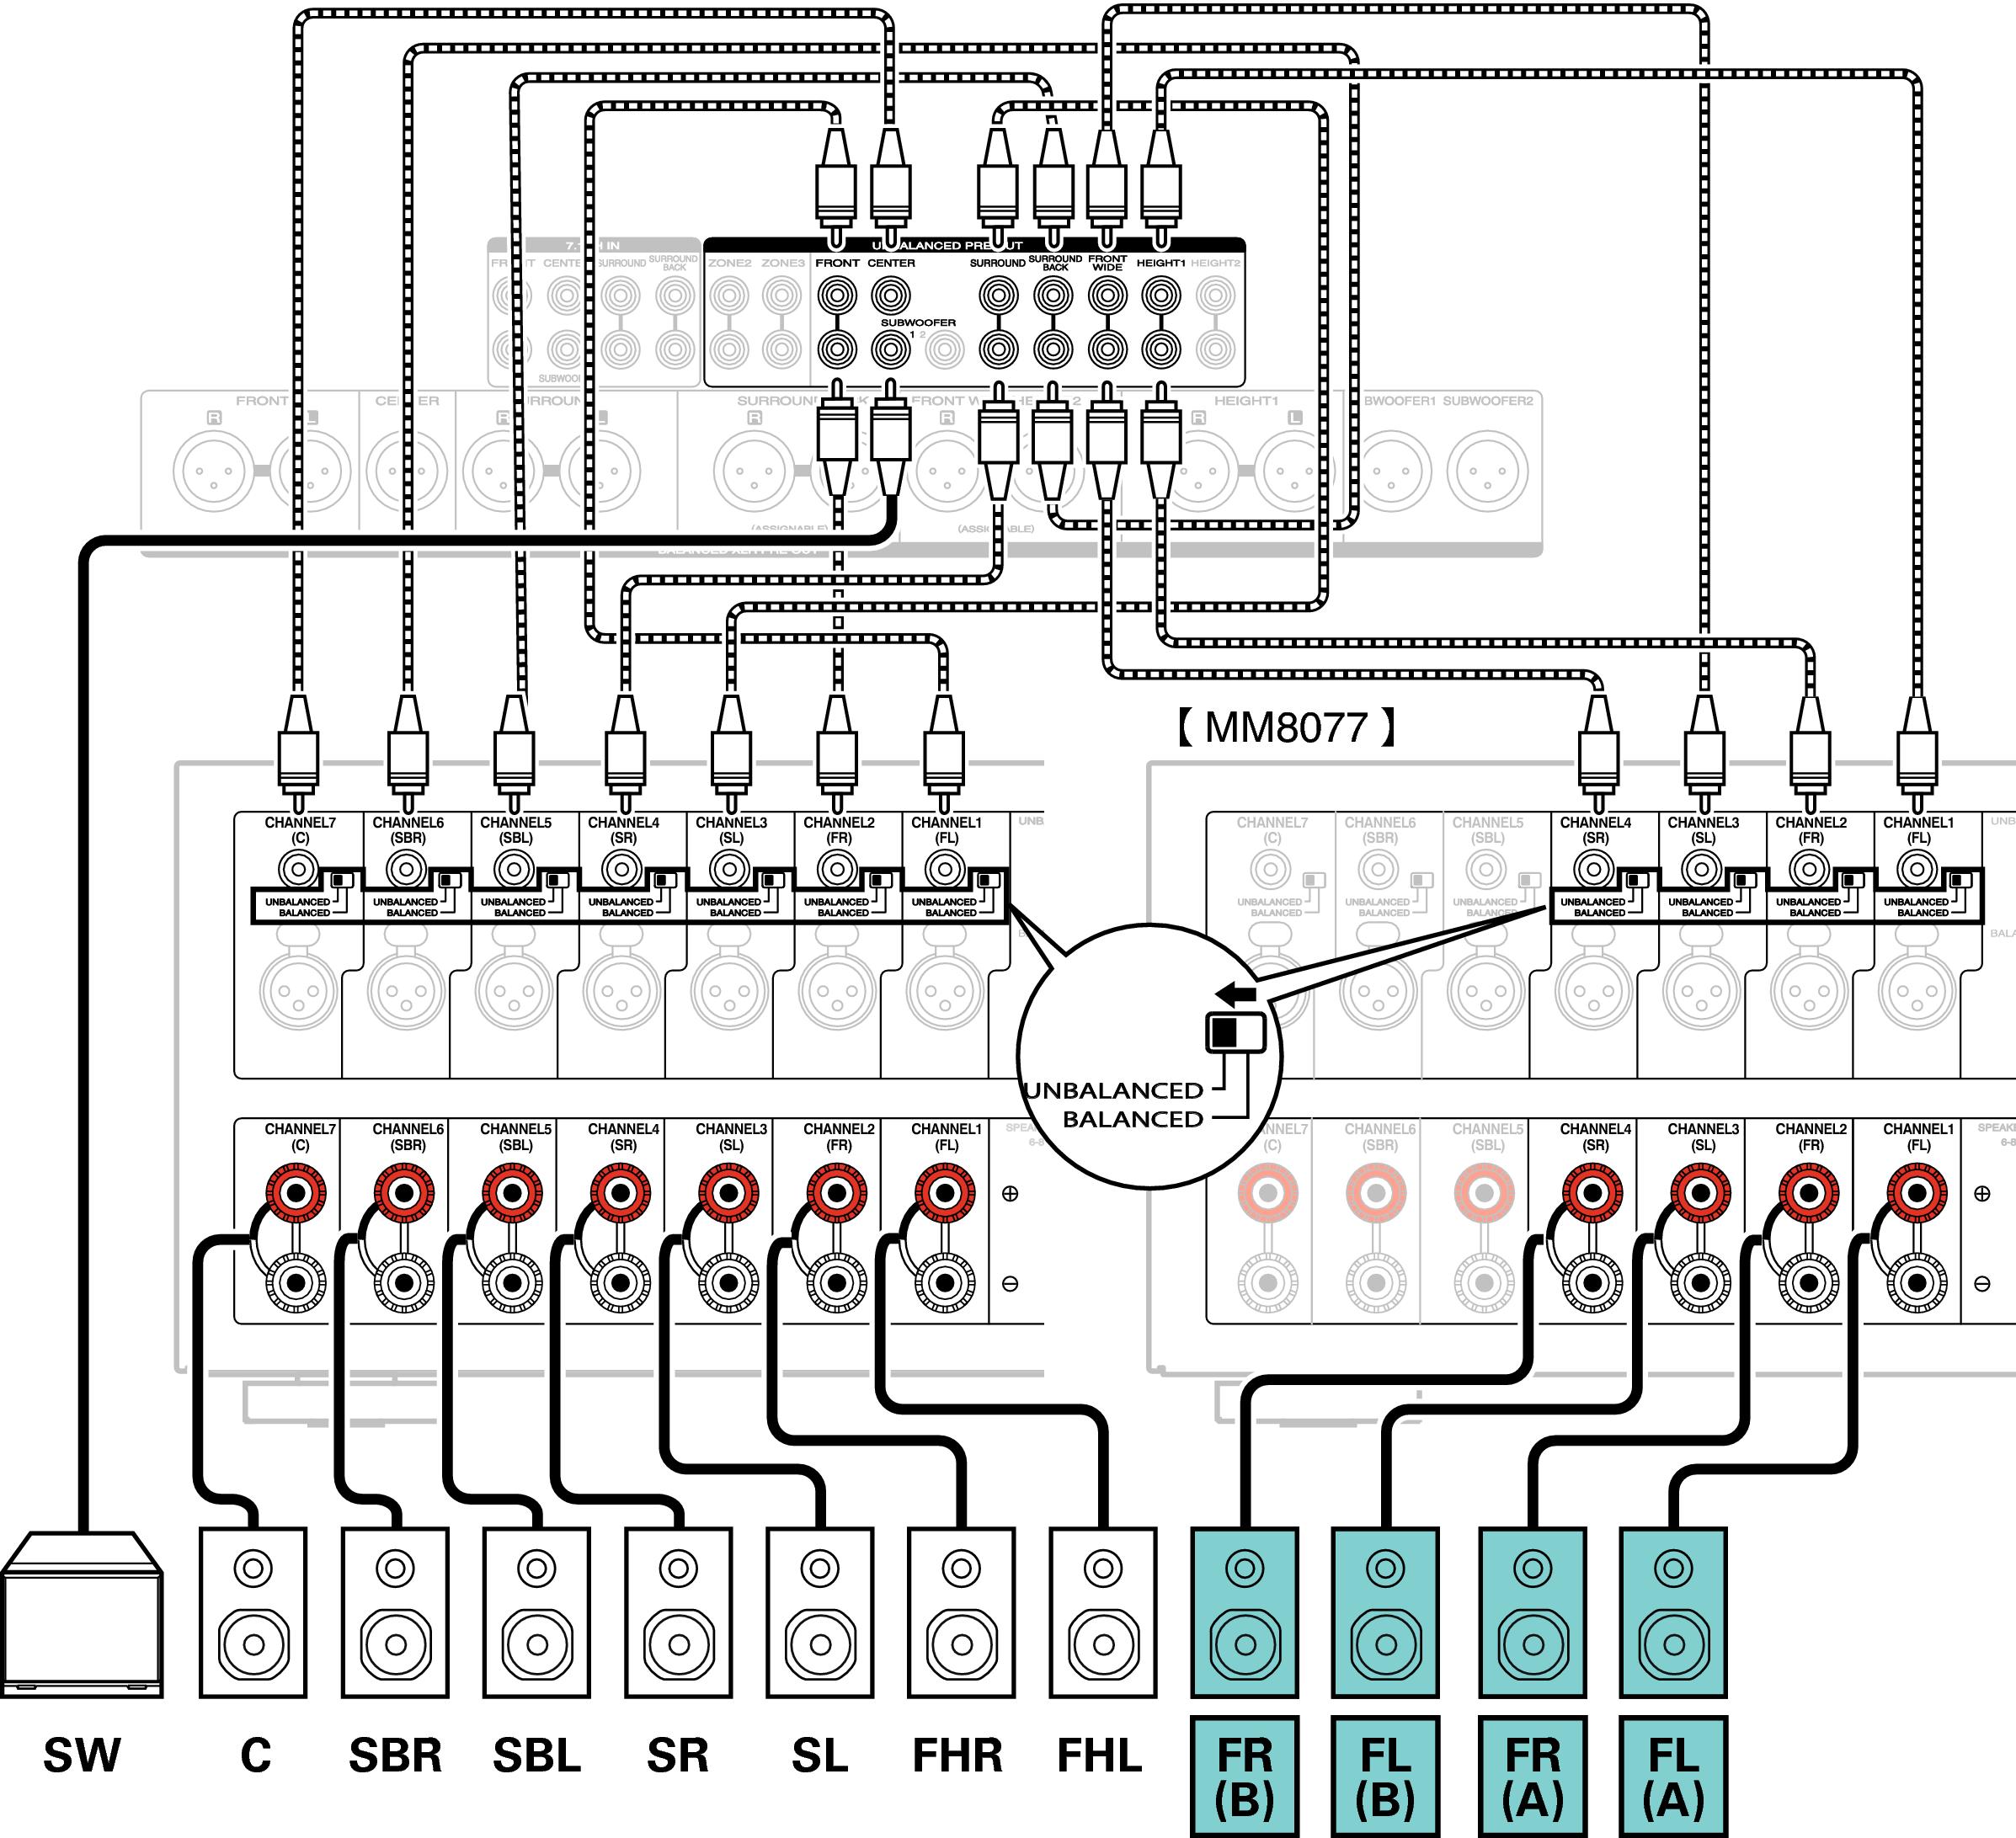 Lautsprecherkonfiguration Und Einstellungen Fr Endstufen Zuweis Unbalanced Xlr Wiring Diagram Dolby Atmos